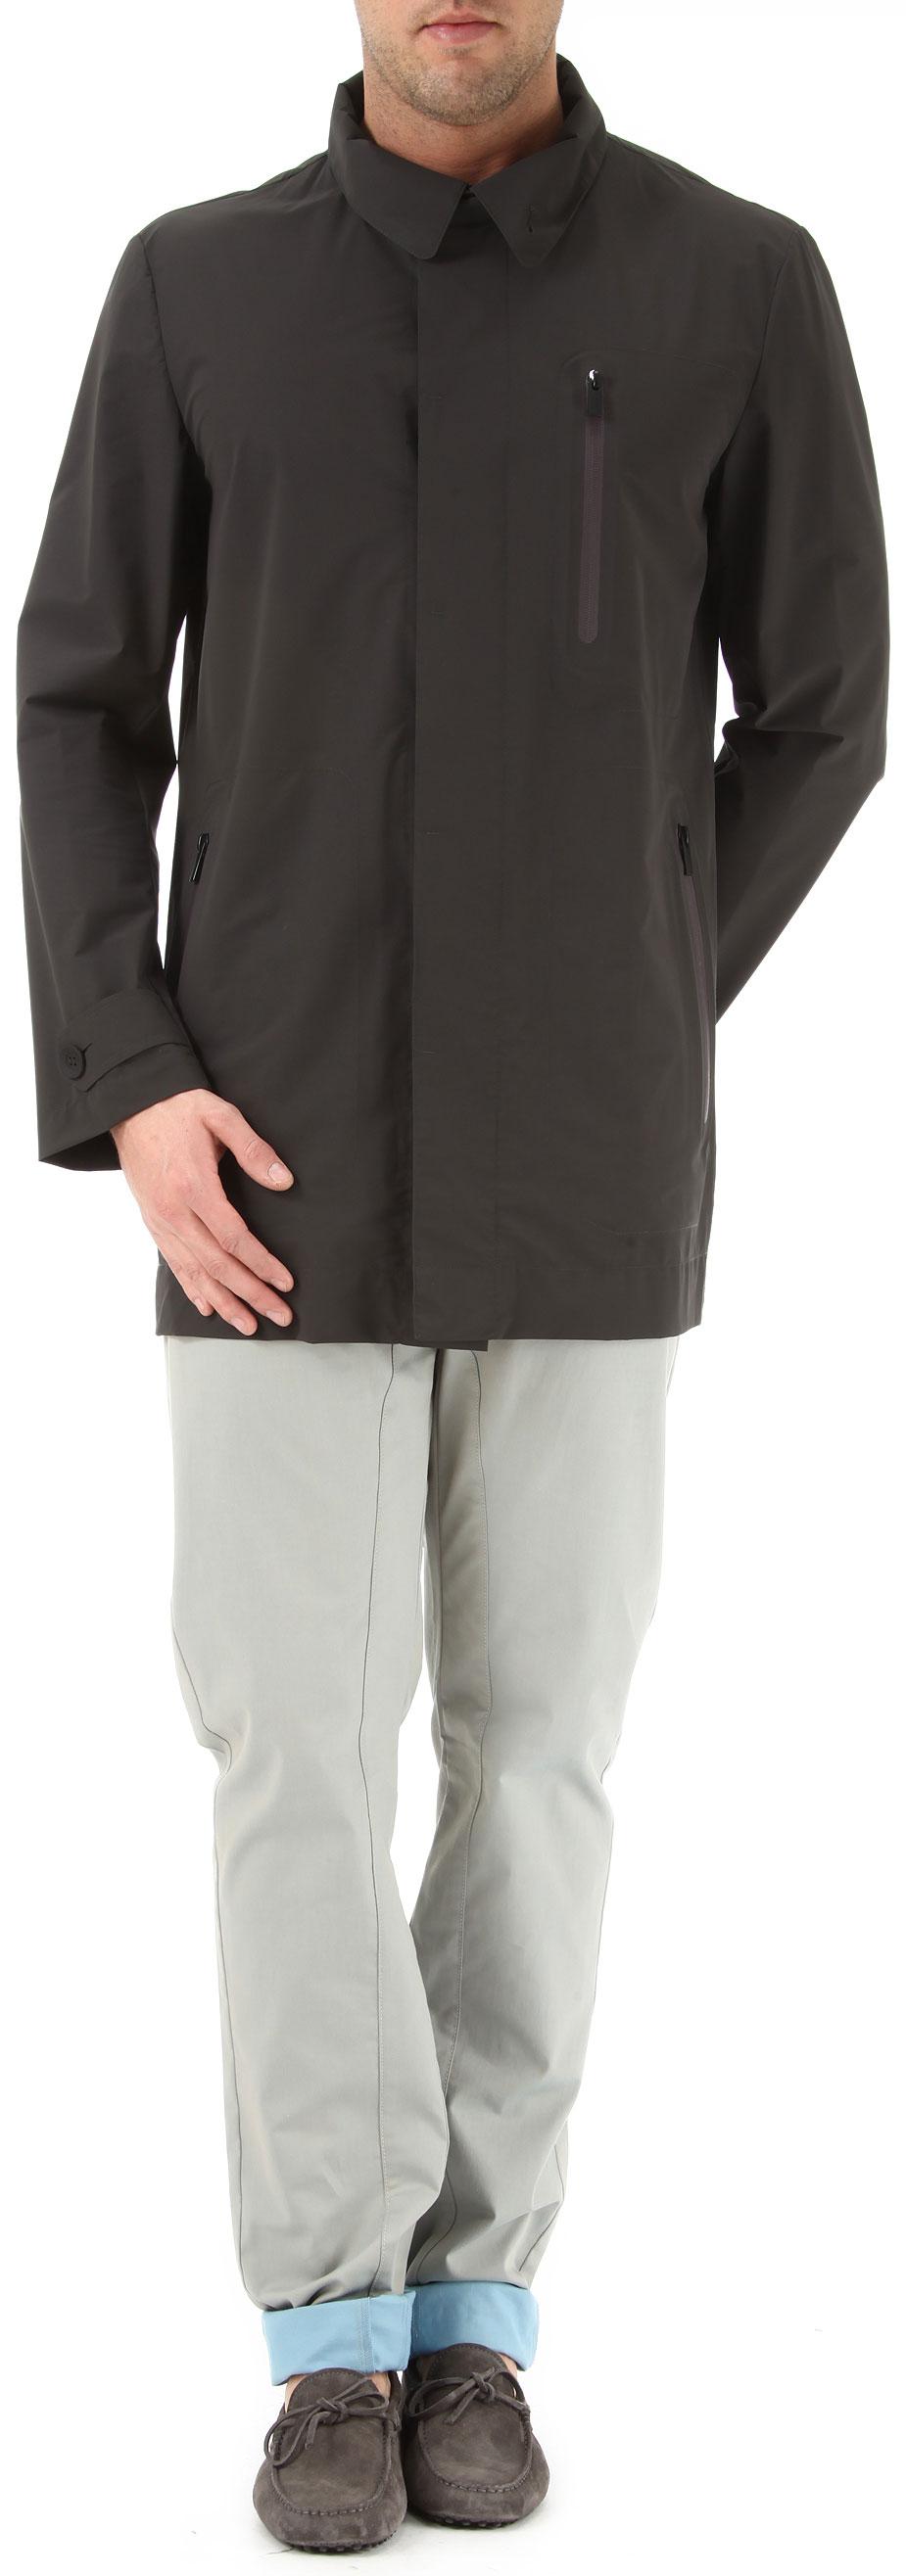 Abbigliamento Uomo Emporio Armani, Codice Articolo: tcb19w-tcw16-642